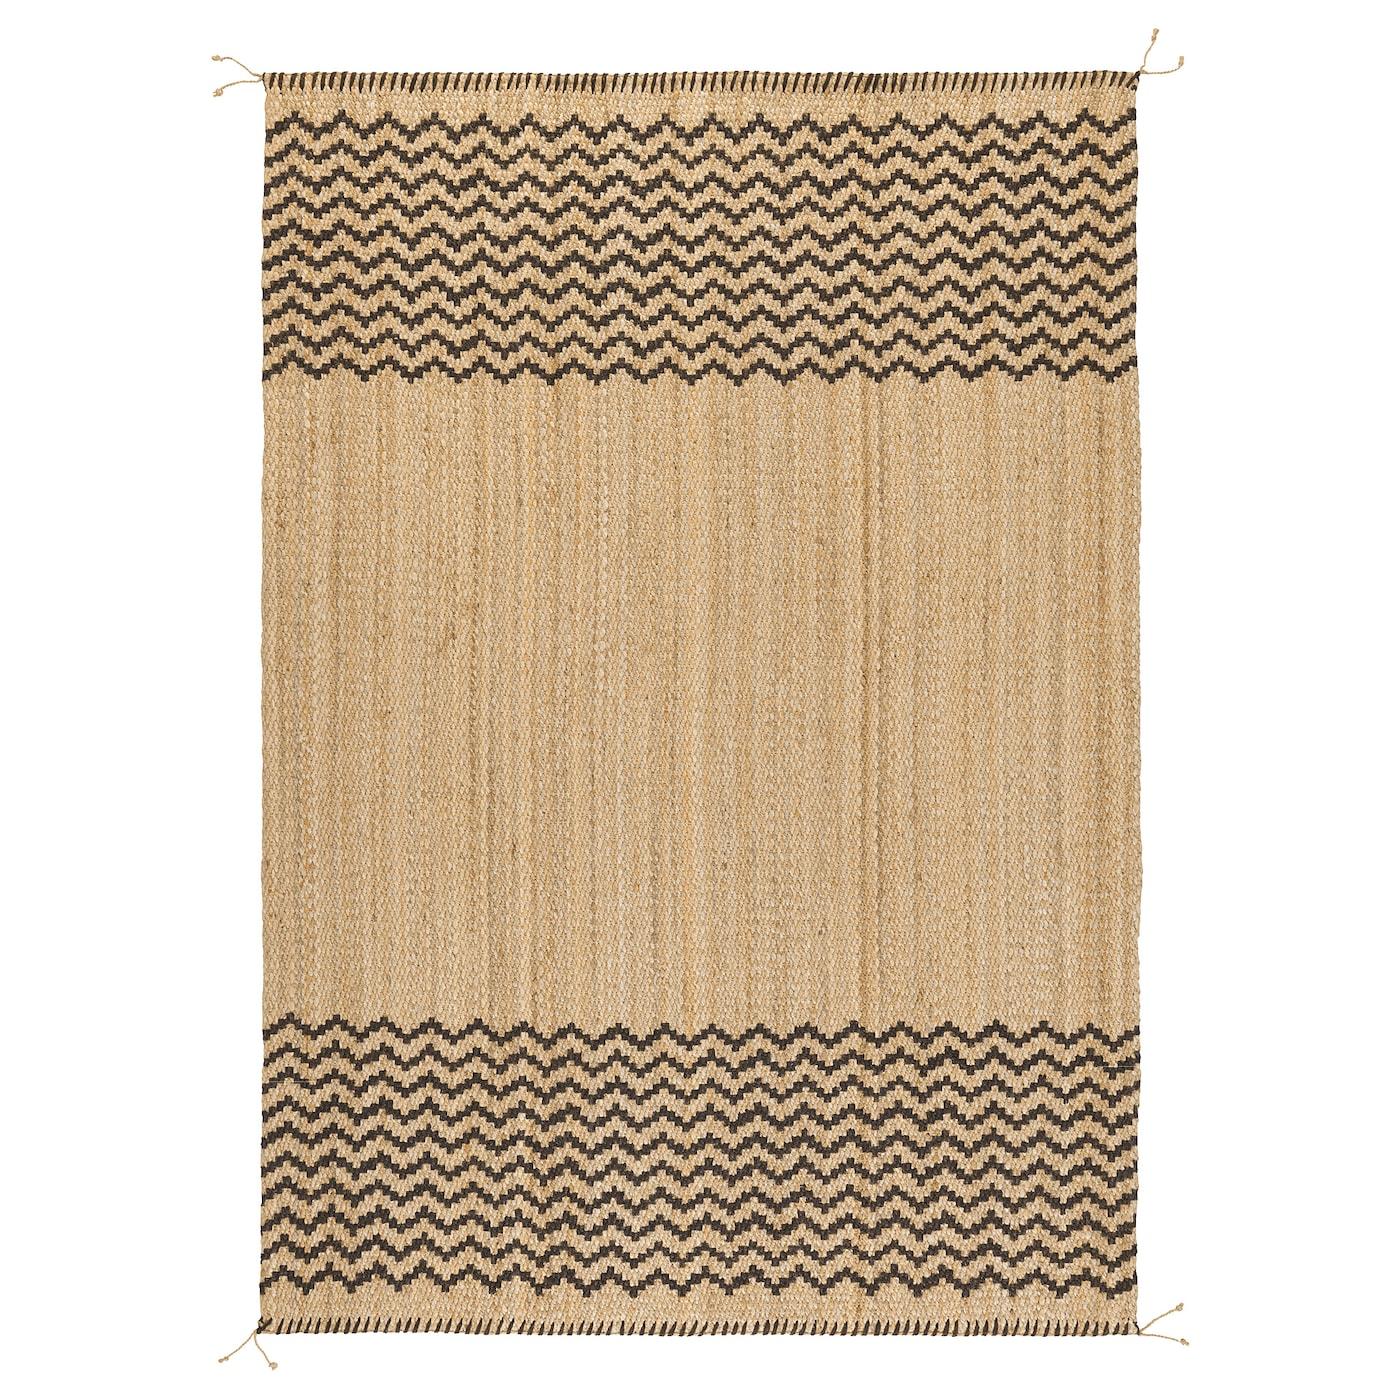 Ikea LÖnholt Rug Flatwoven